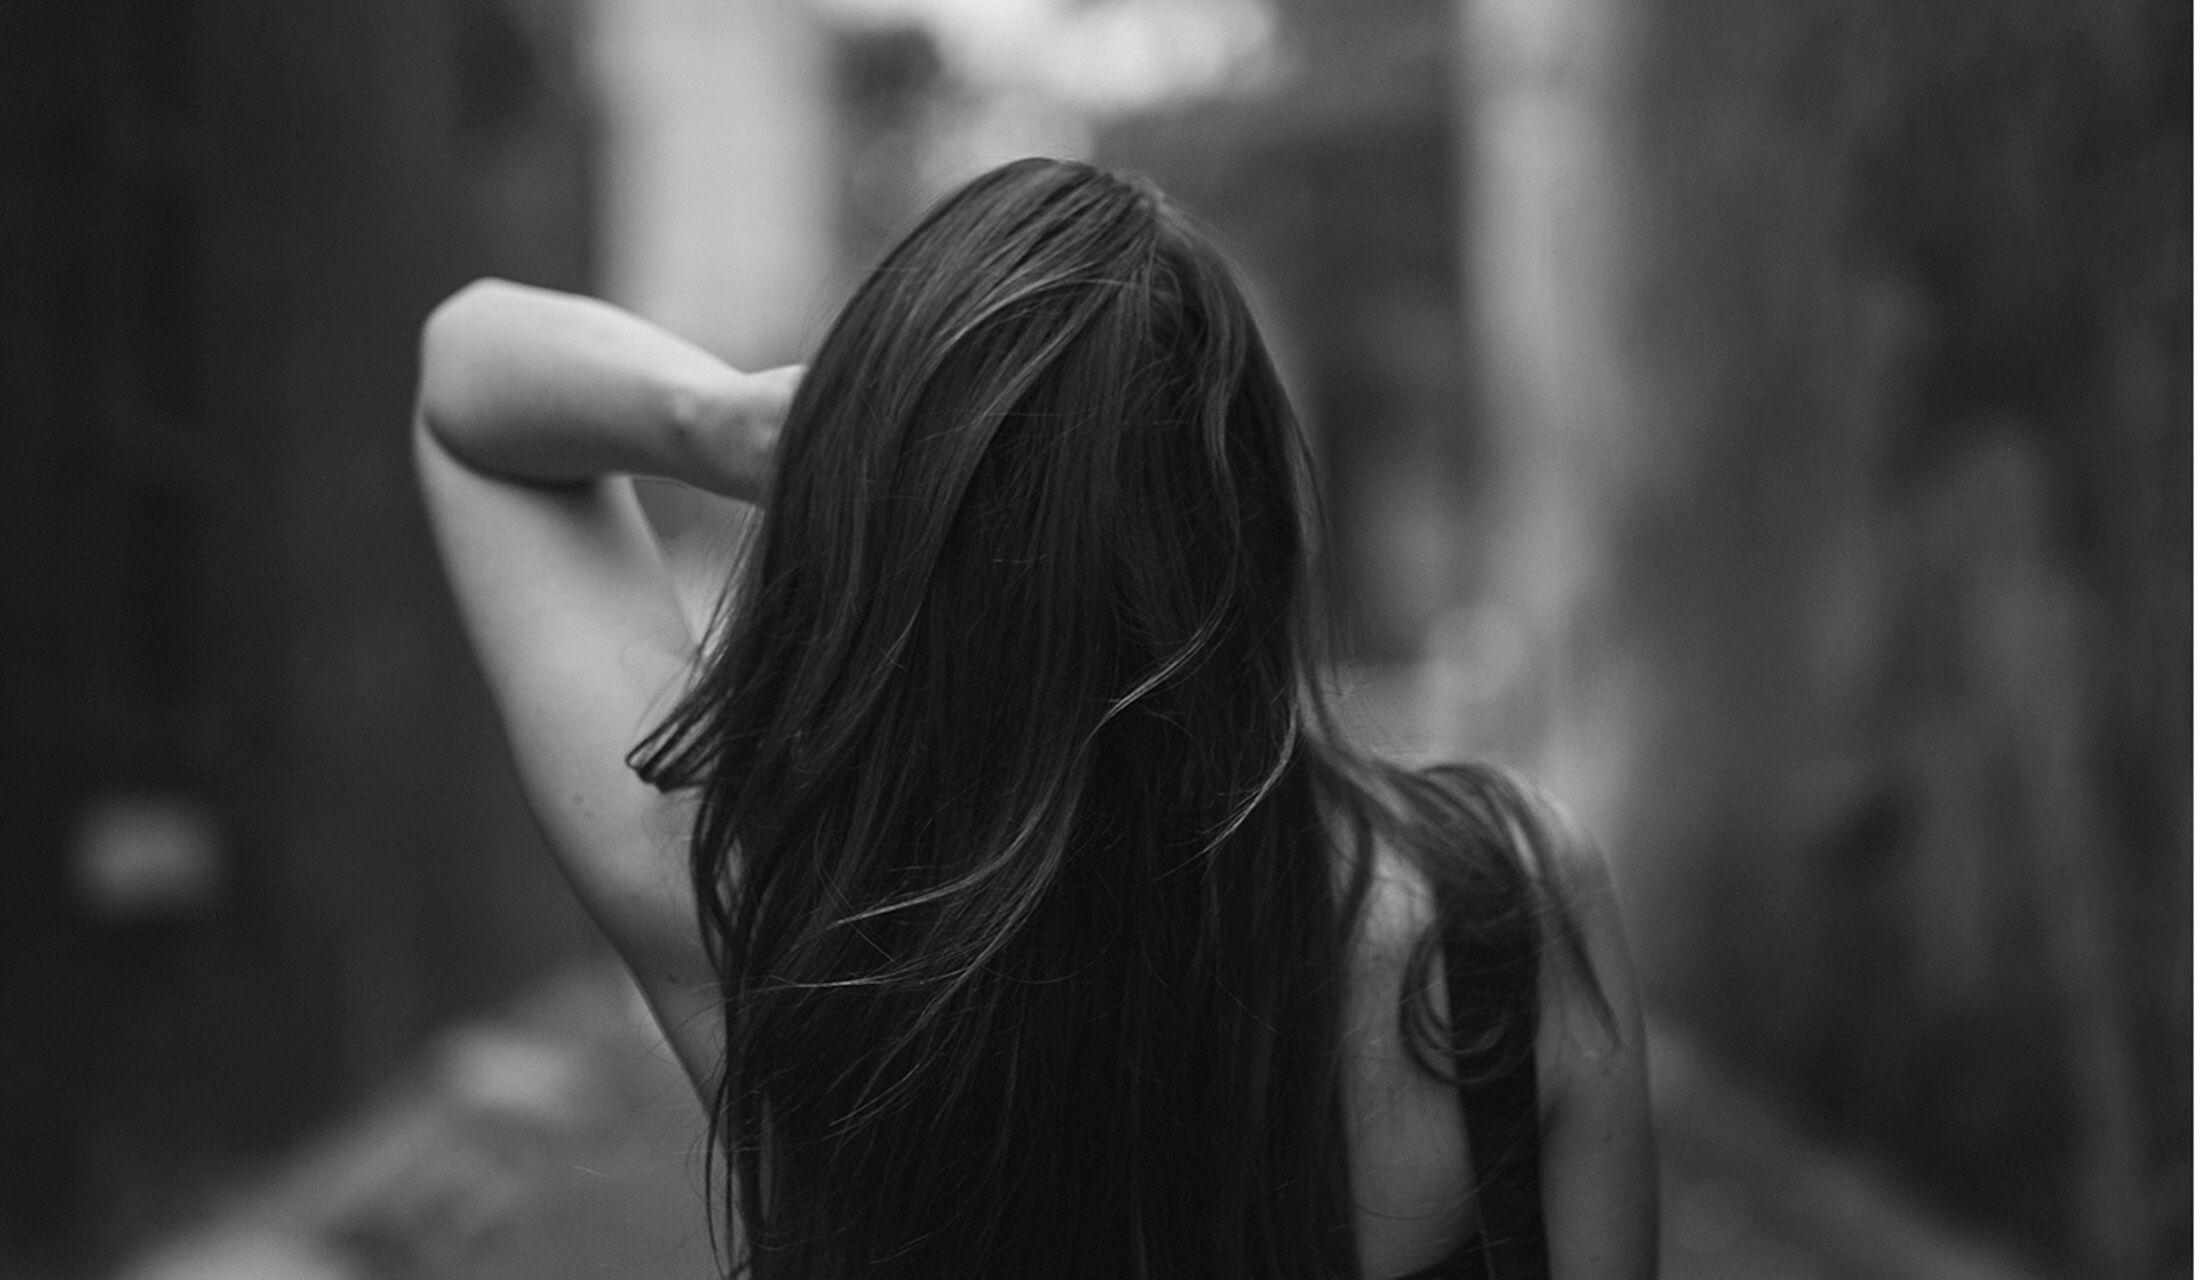 長い髪をなびかせる女性